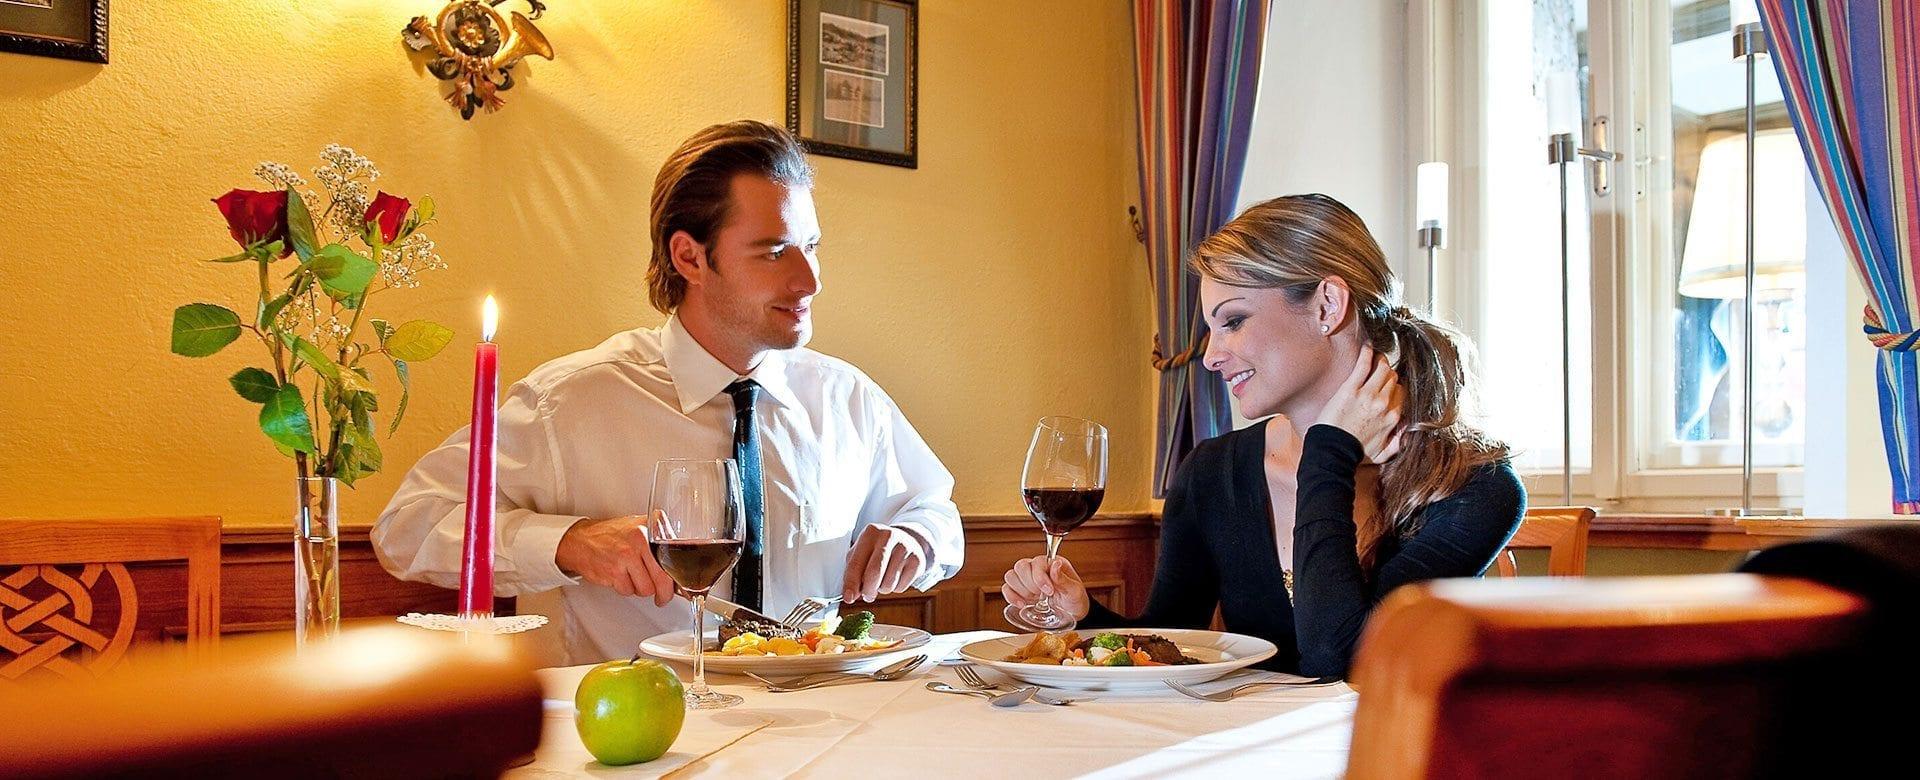 Essen - Mittagstisch & Speisekarten im Gesundheits- & Vitalhotel Post in Radstadt, Salzburger Land